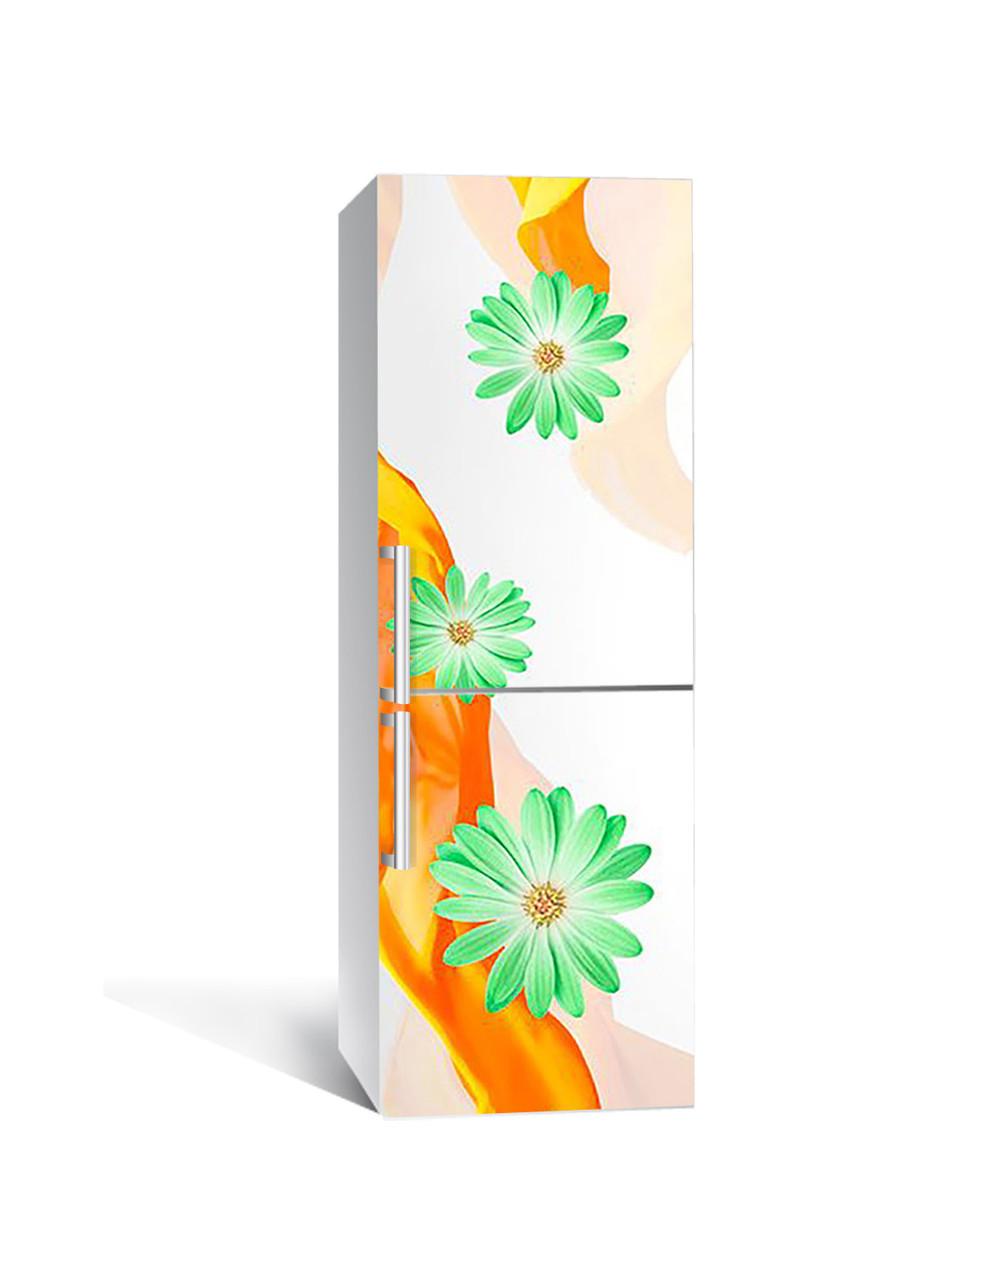 Виниловая 3Д наклейка на холодильник Зеленые Цветы (ПВХ пленка самоклеющаяся) Шелк Оранжевый 650*2000 мм